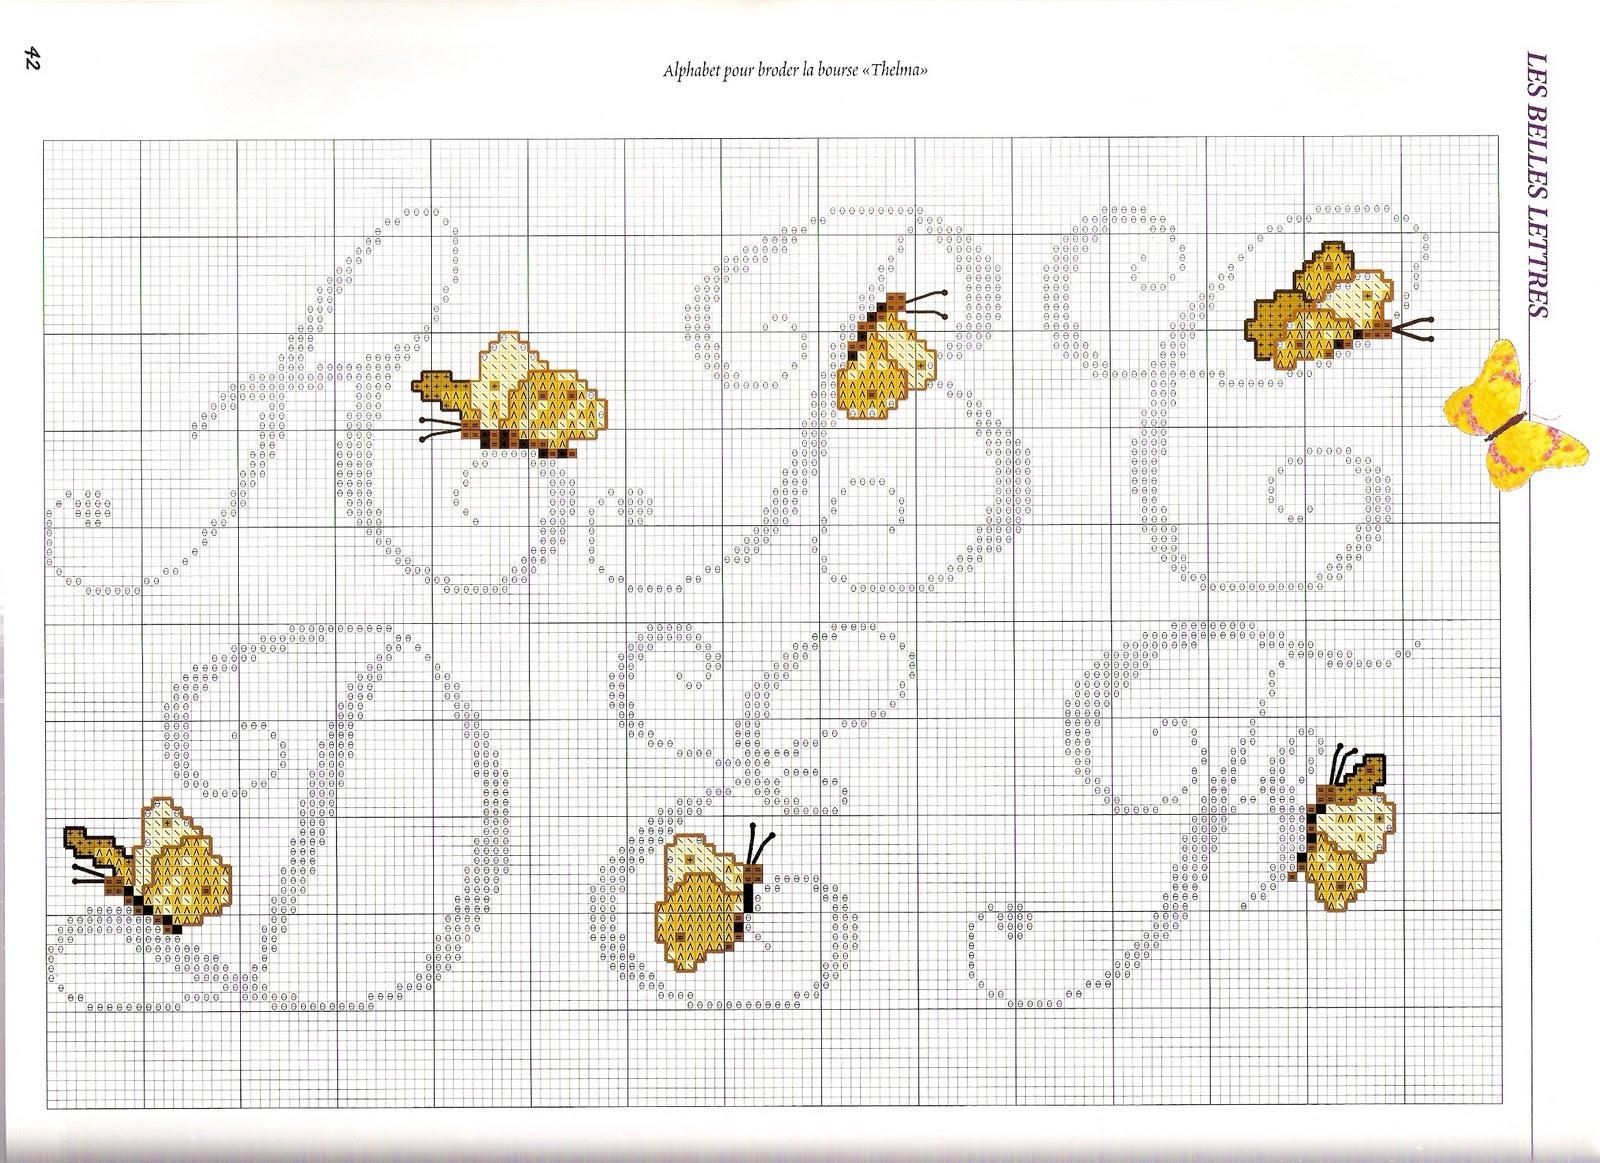 Alfabeto farfalle4 punto croce uncinetto for Punto croce schemi alfabeto